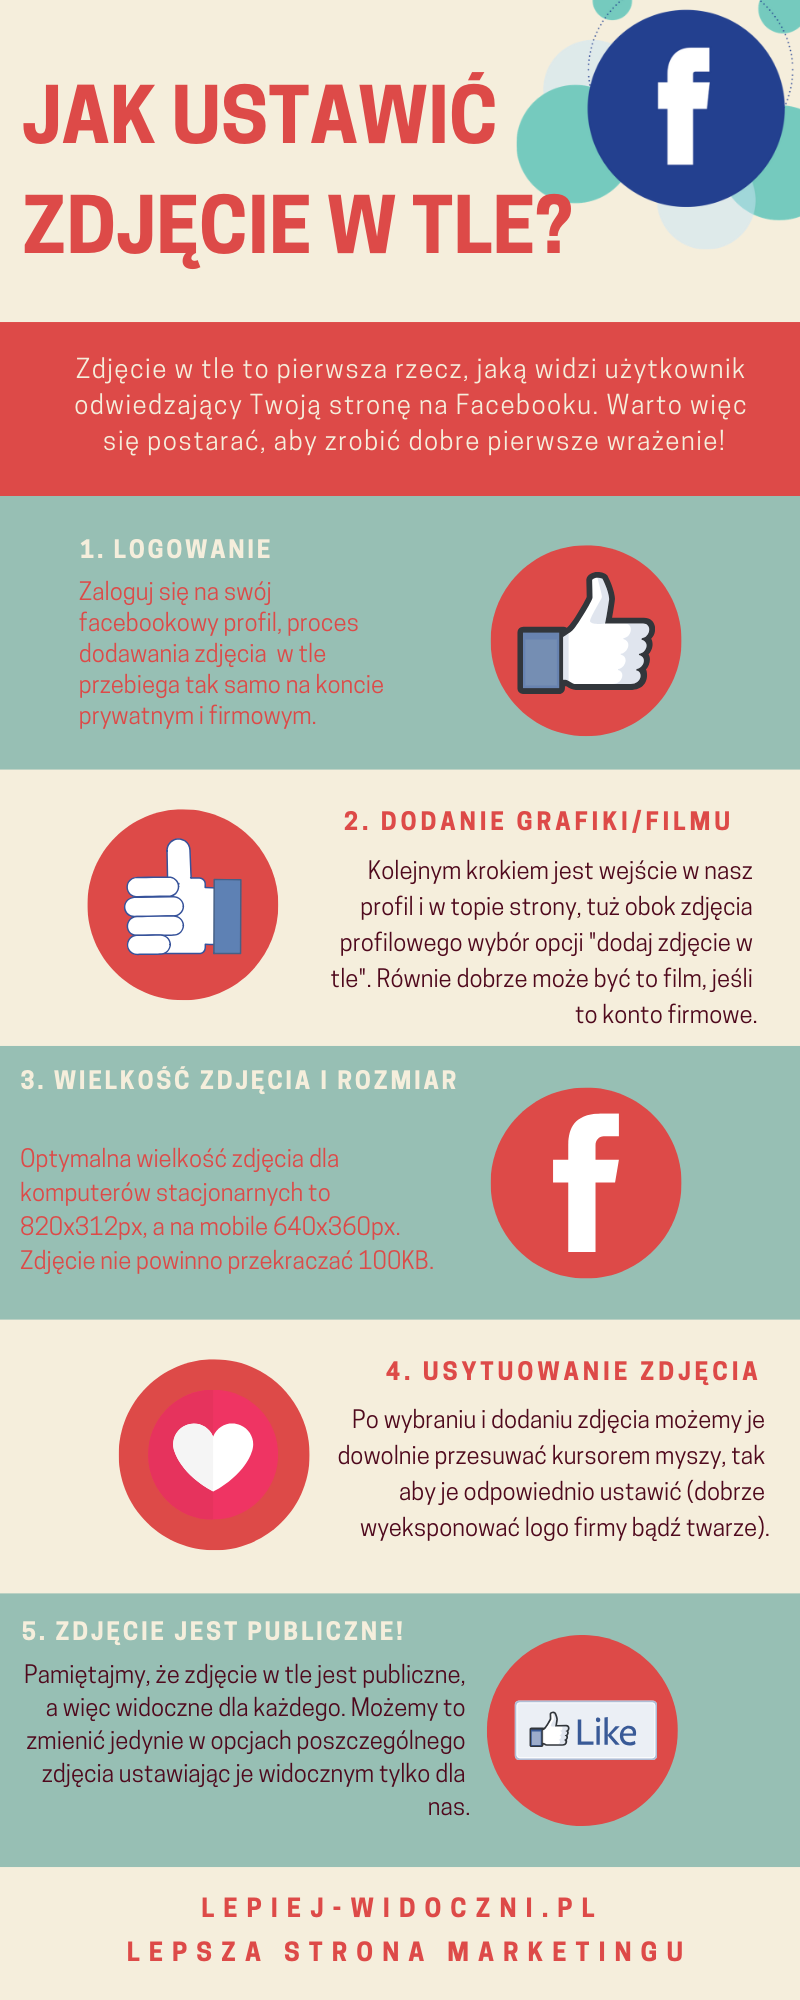 Jak Skutecznie Zablokowac Zdjecie Profilowe Na Facebooku Zakumaj Pl